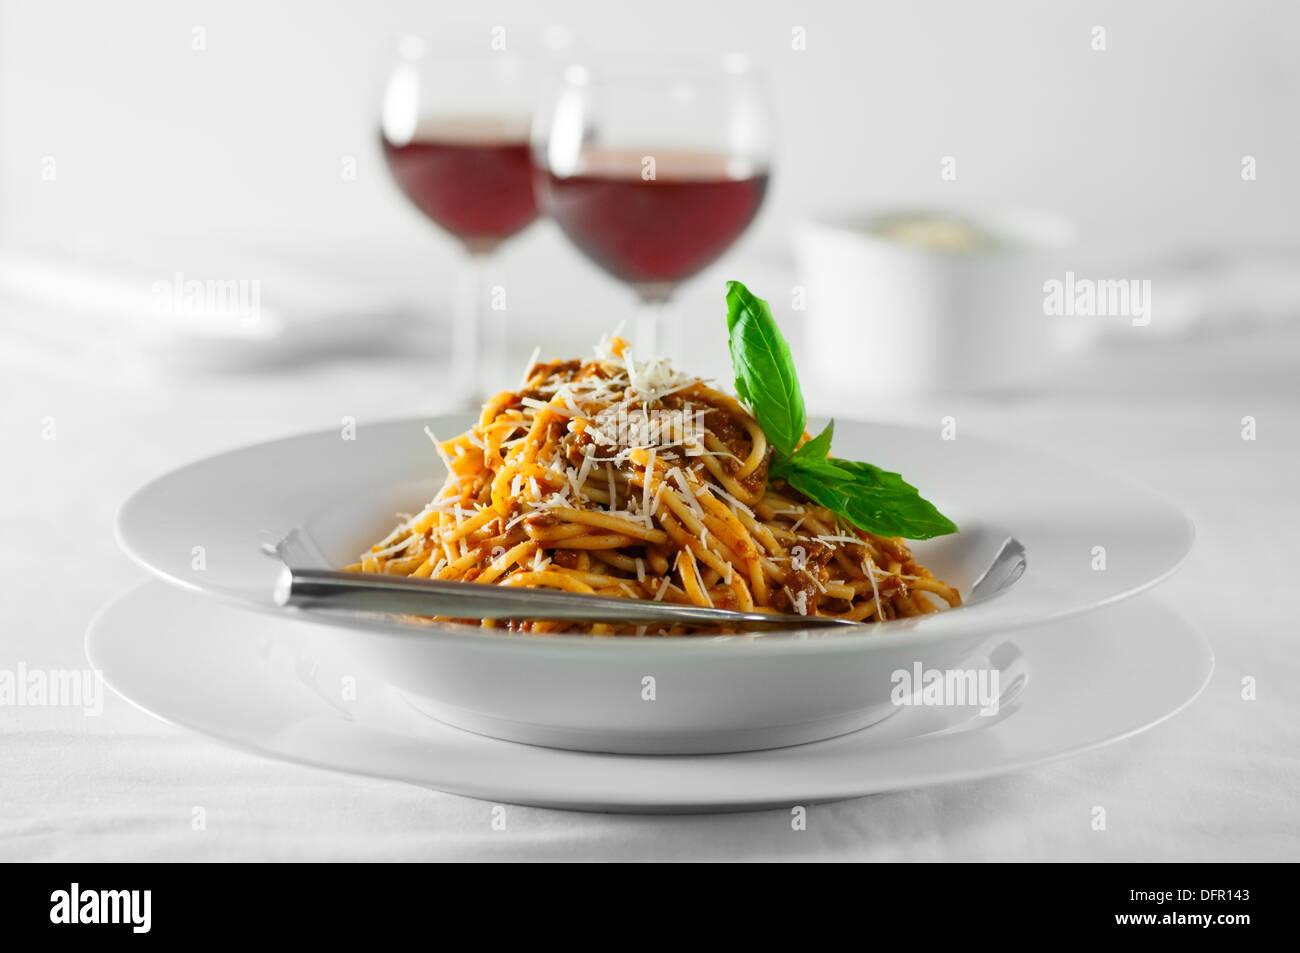 Spaghetti bolognese Italian Food - Stock Image